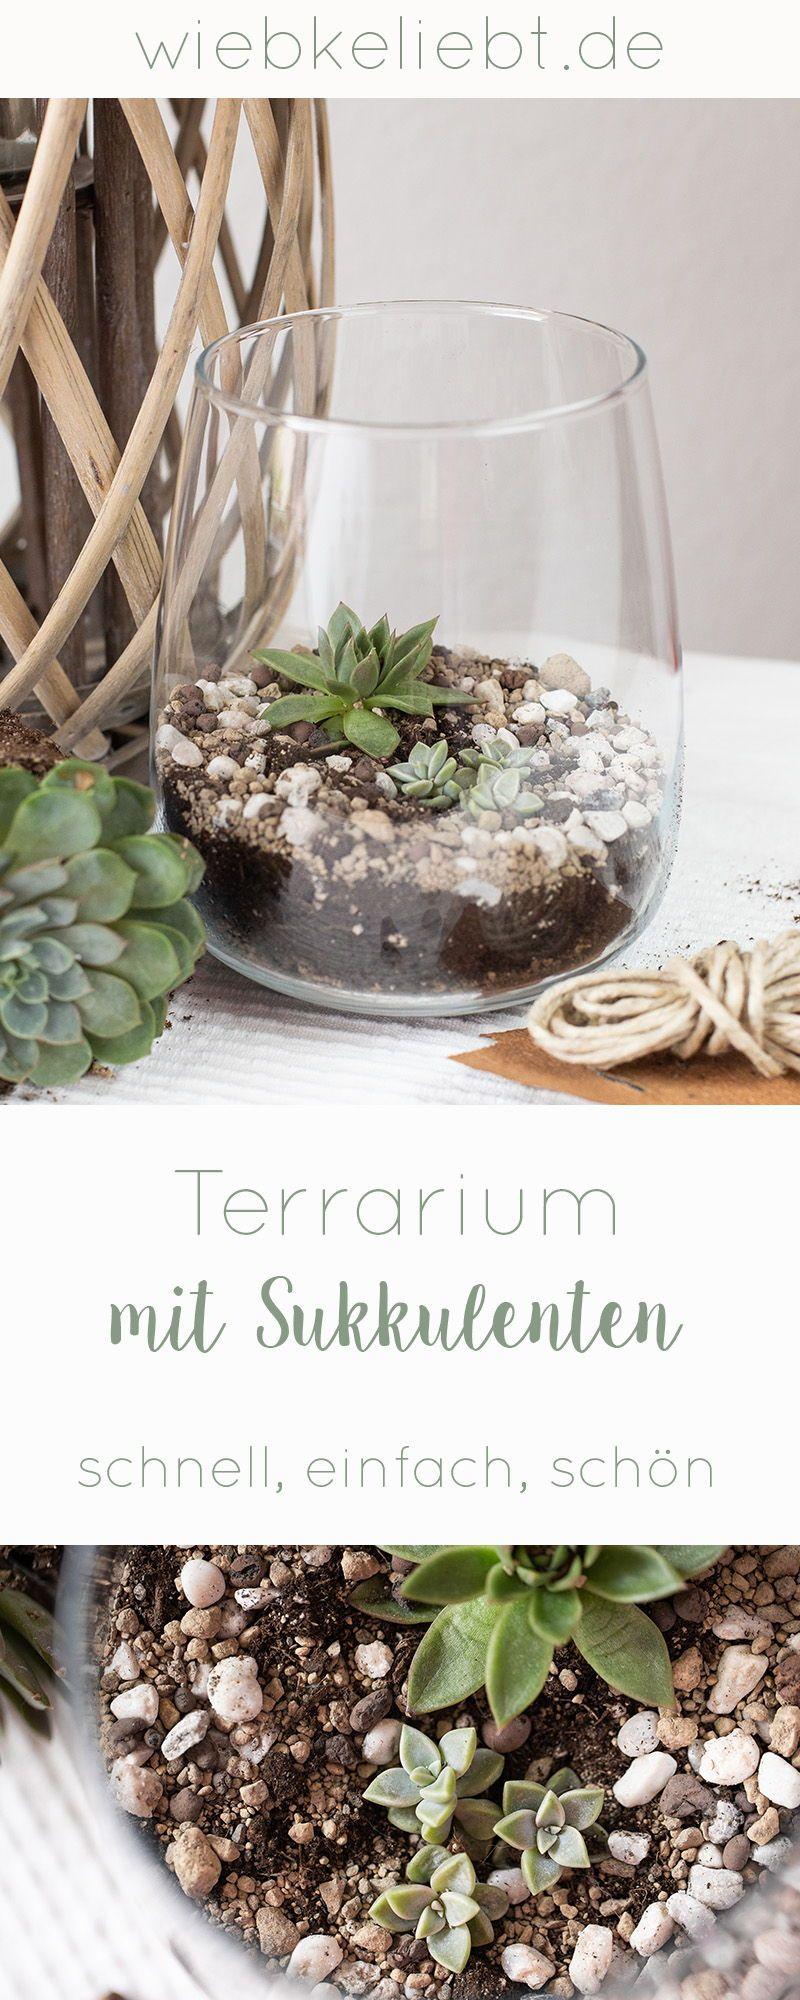 DIY Mini Terrarium für Sukkulenten selber machen | DIY Blog | Do-it-yourself Anleitungen zum Selbermachen | Wiebkeliebt